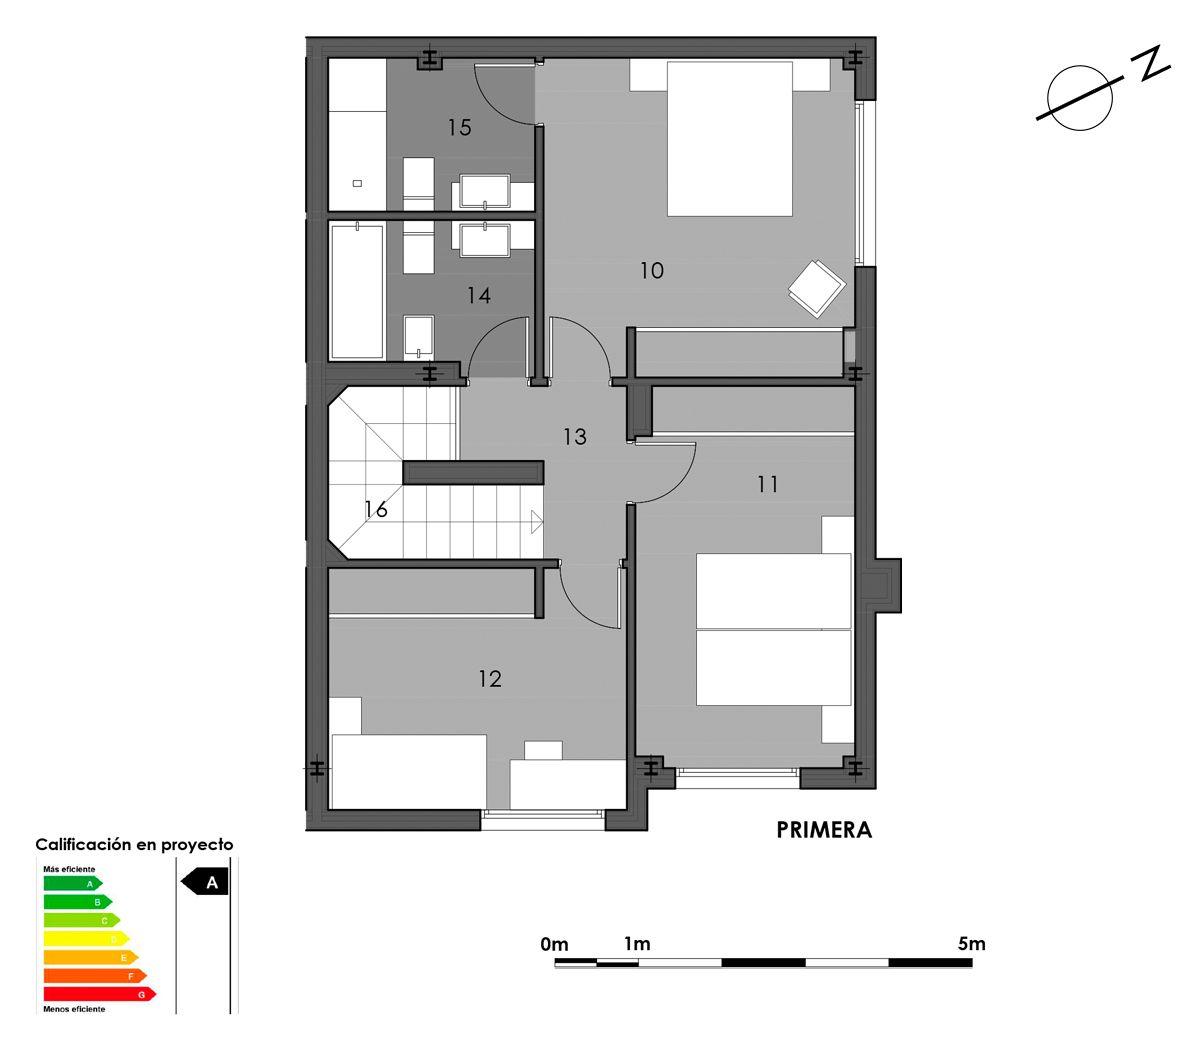 primera planta vivienda 3